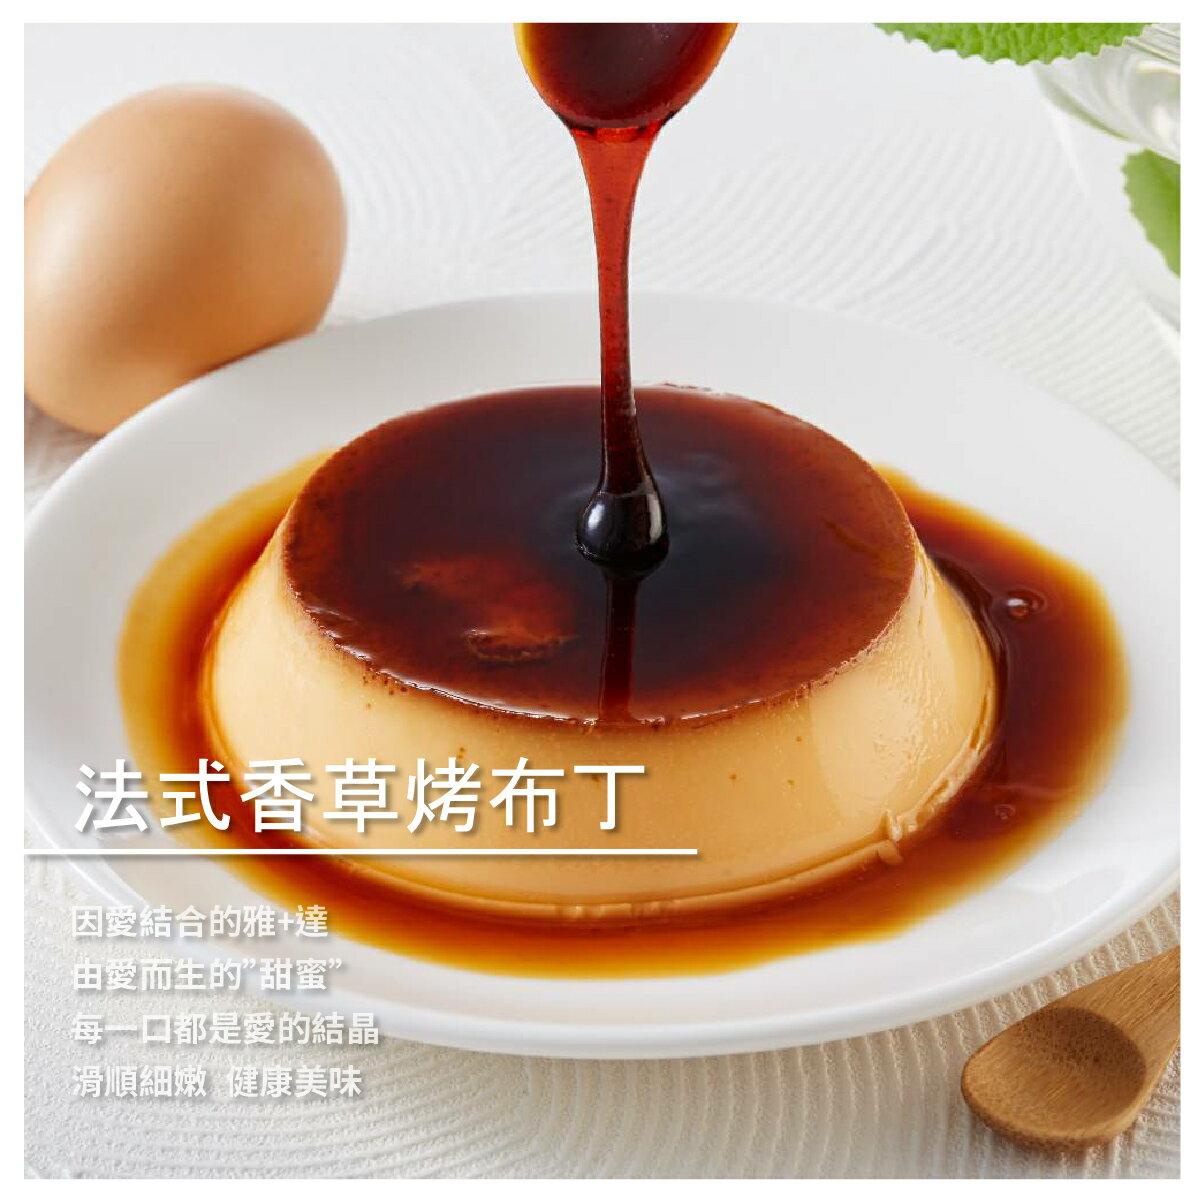 【雅+達奶酪布丁】渼物獨家優惠價 / 法式香草烤布丁/6入